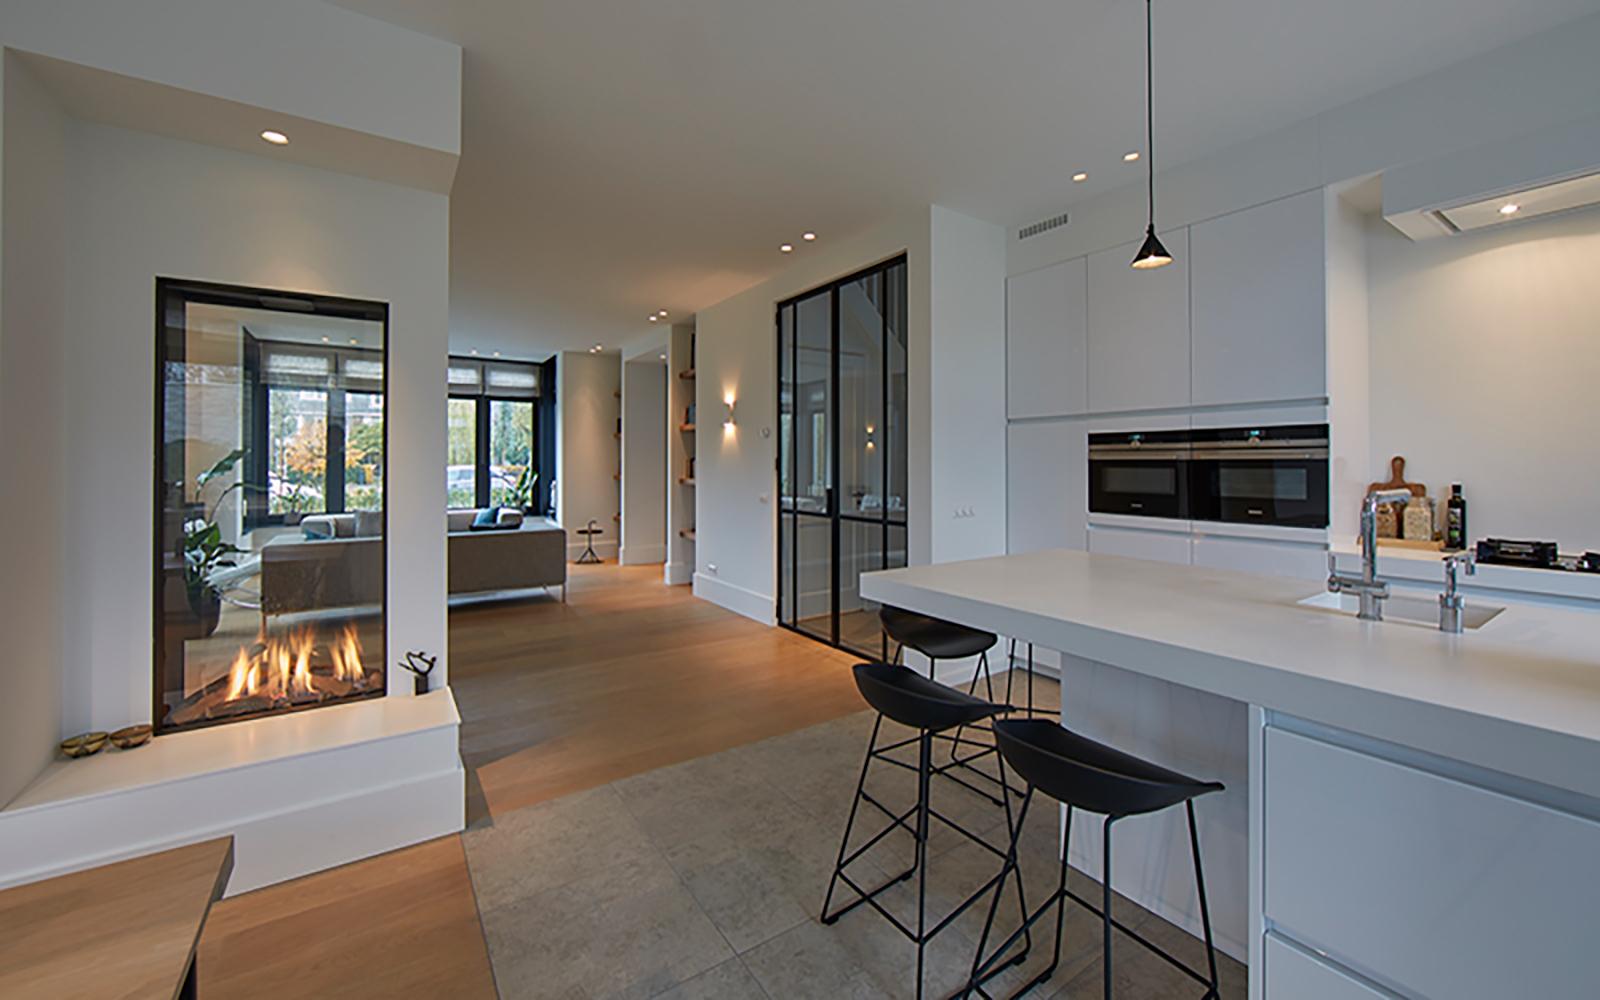 Tijdloze villa met klassieke details, AA+ Ontwerpbureau, open leefkeuken, keuken, doorkijk haard